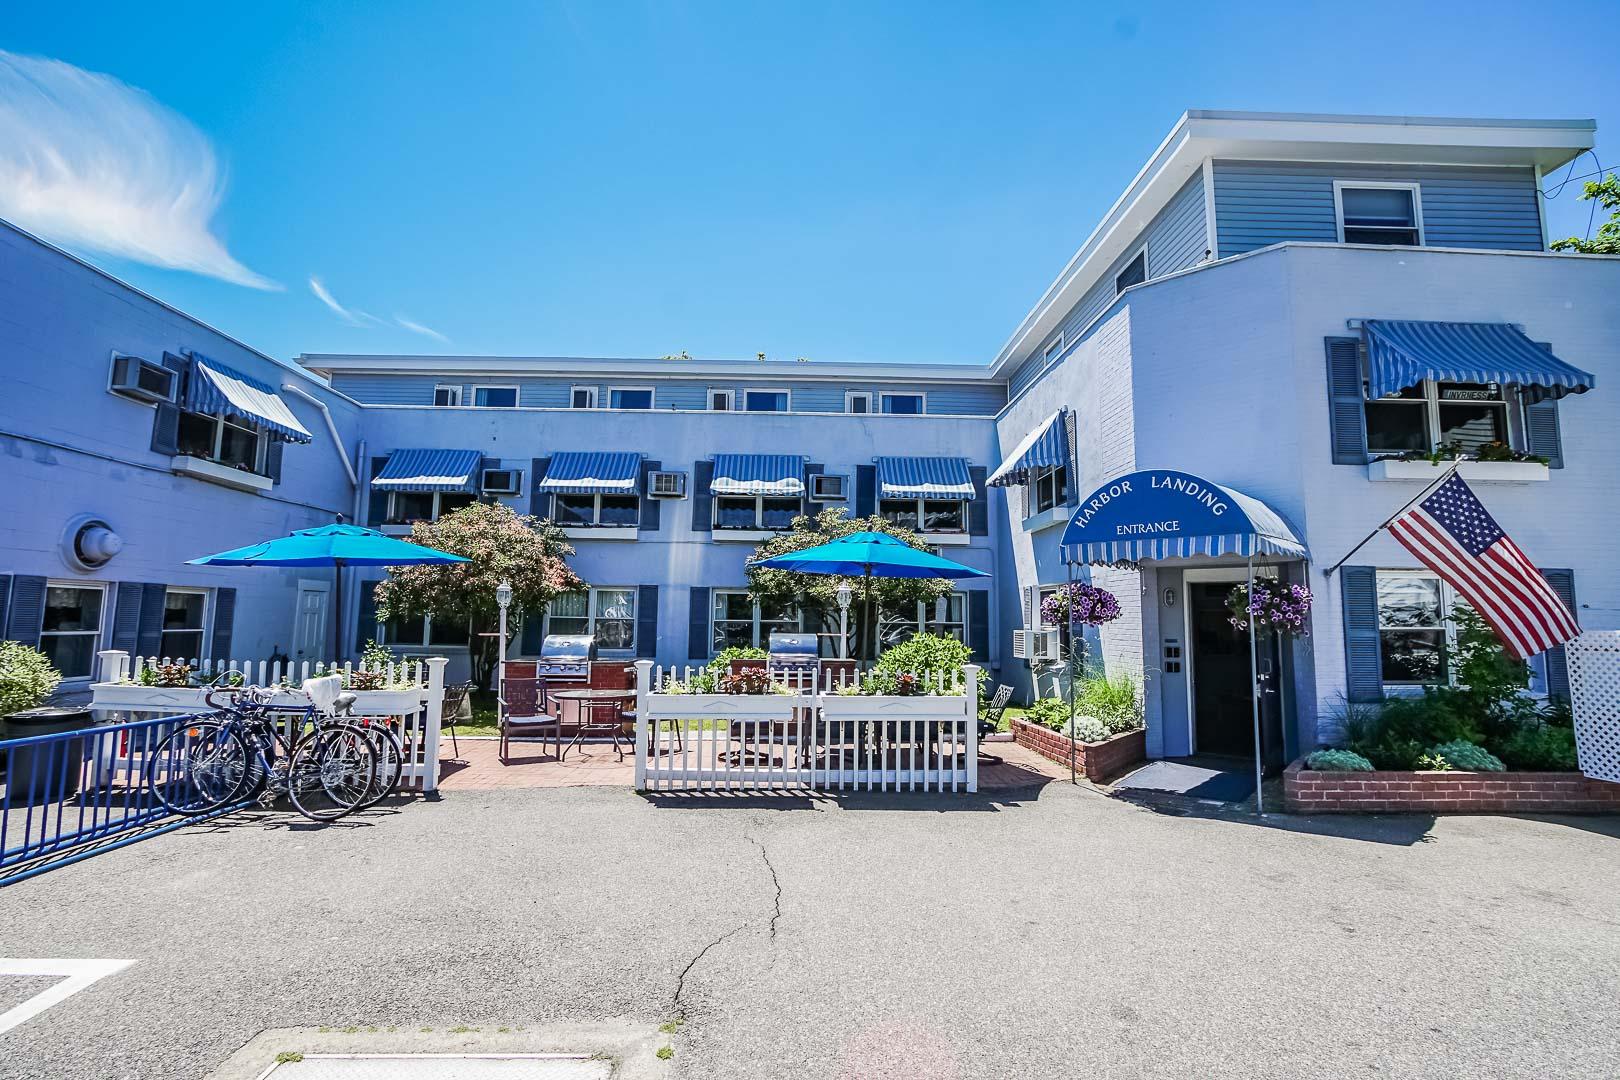 A vibrant resort entrance at VRI's Harbor Landing Resort in Massachusetts.